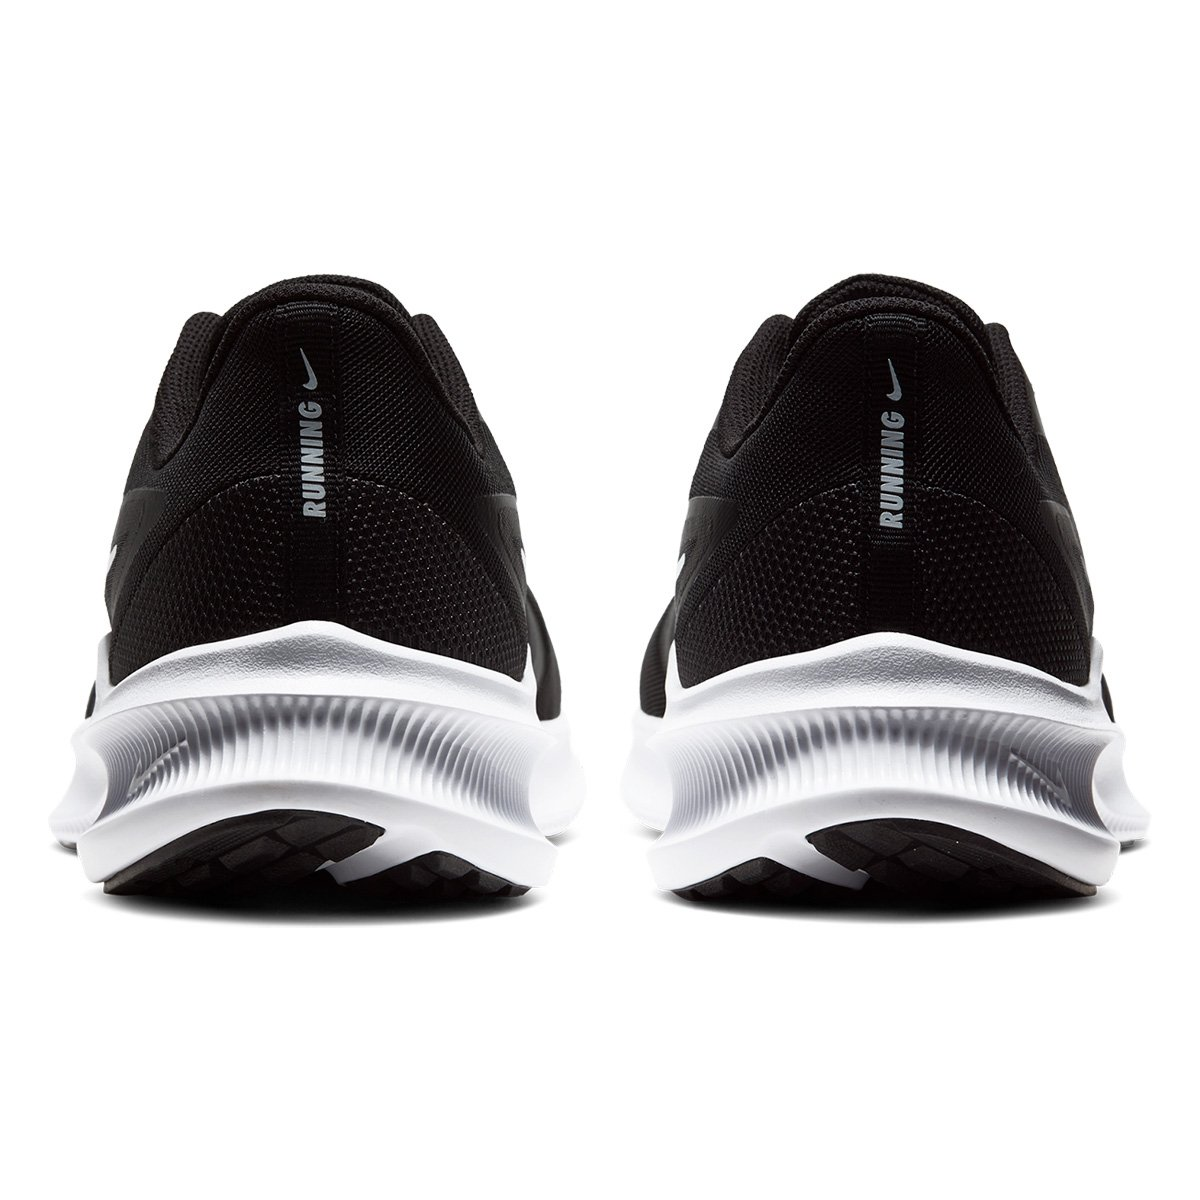 Tênis Nike Downshifter 10 Preto e Branco